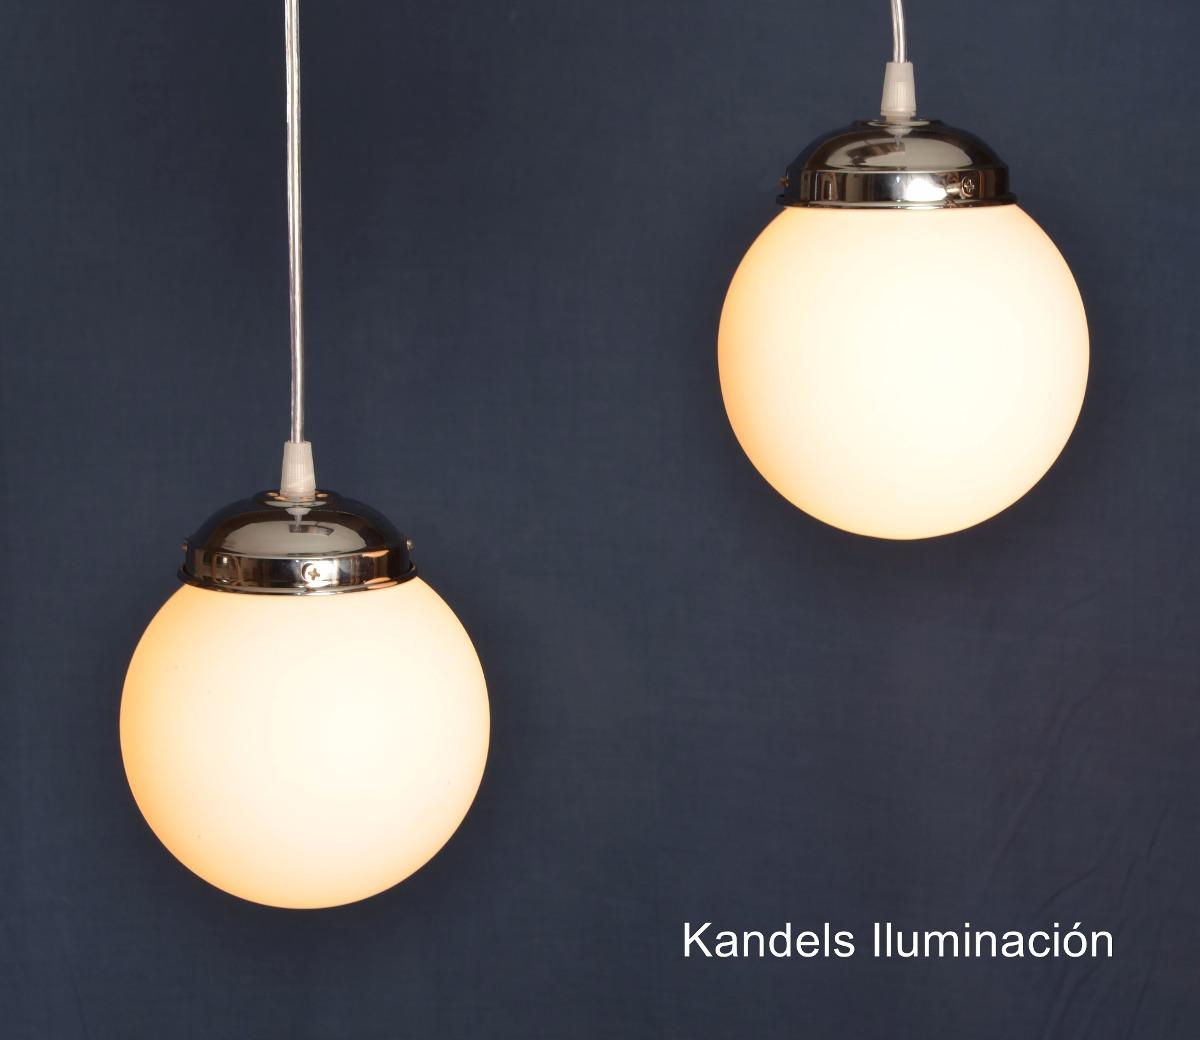 lampara colgante techo luces living comedor cocina calidad with lampara techo cocina